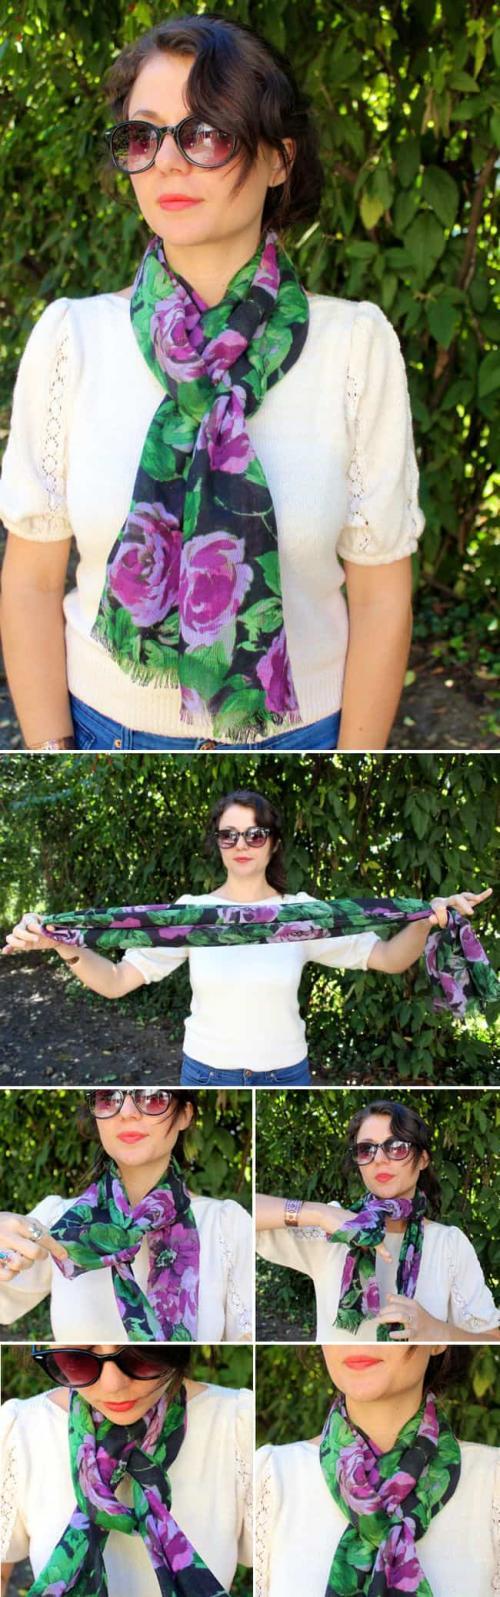 Как завязать шарф. 13 суперстильных способов завязать шарф